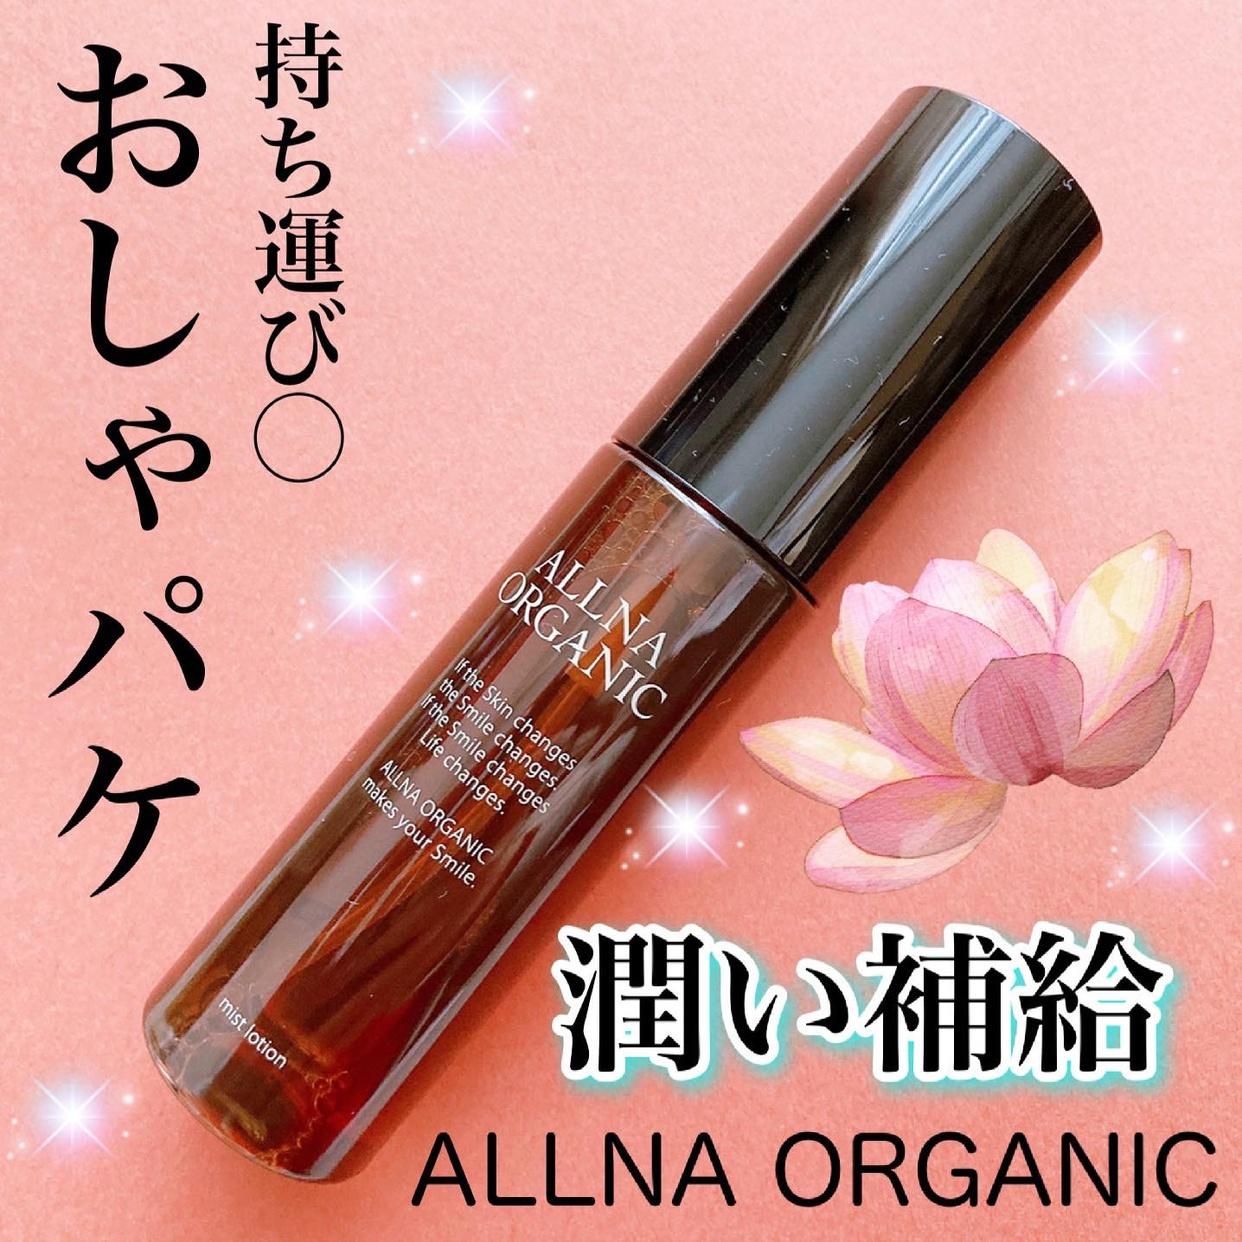 ALLNA ORGANIC(オルナ オーガニック) 化粧水ミストを使ったyunaさんのクチコミ画像1